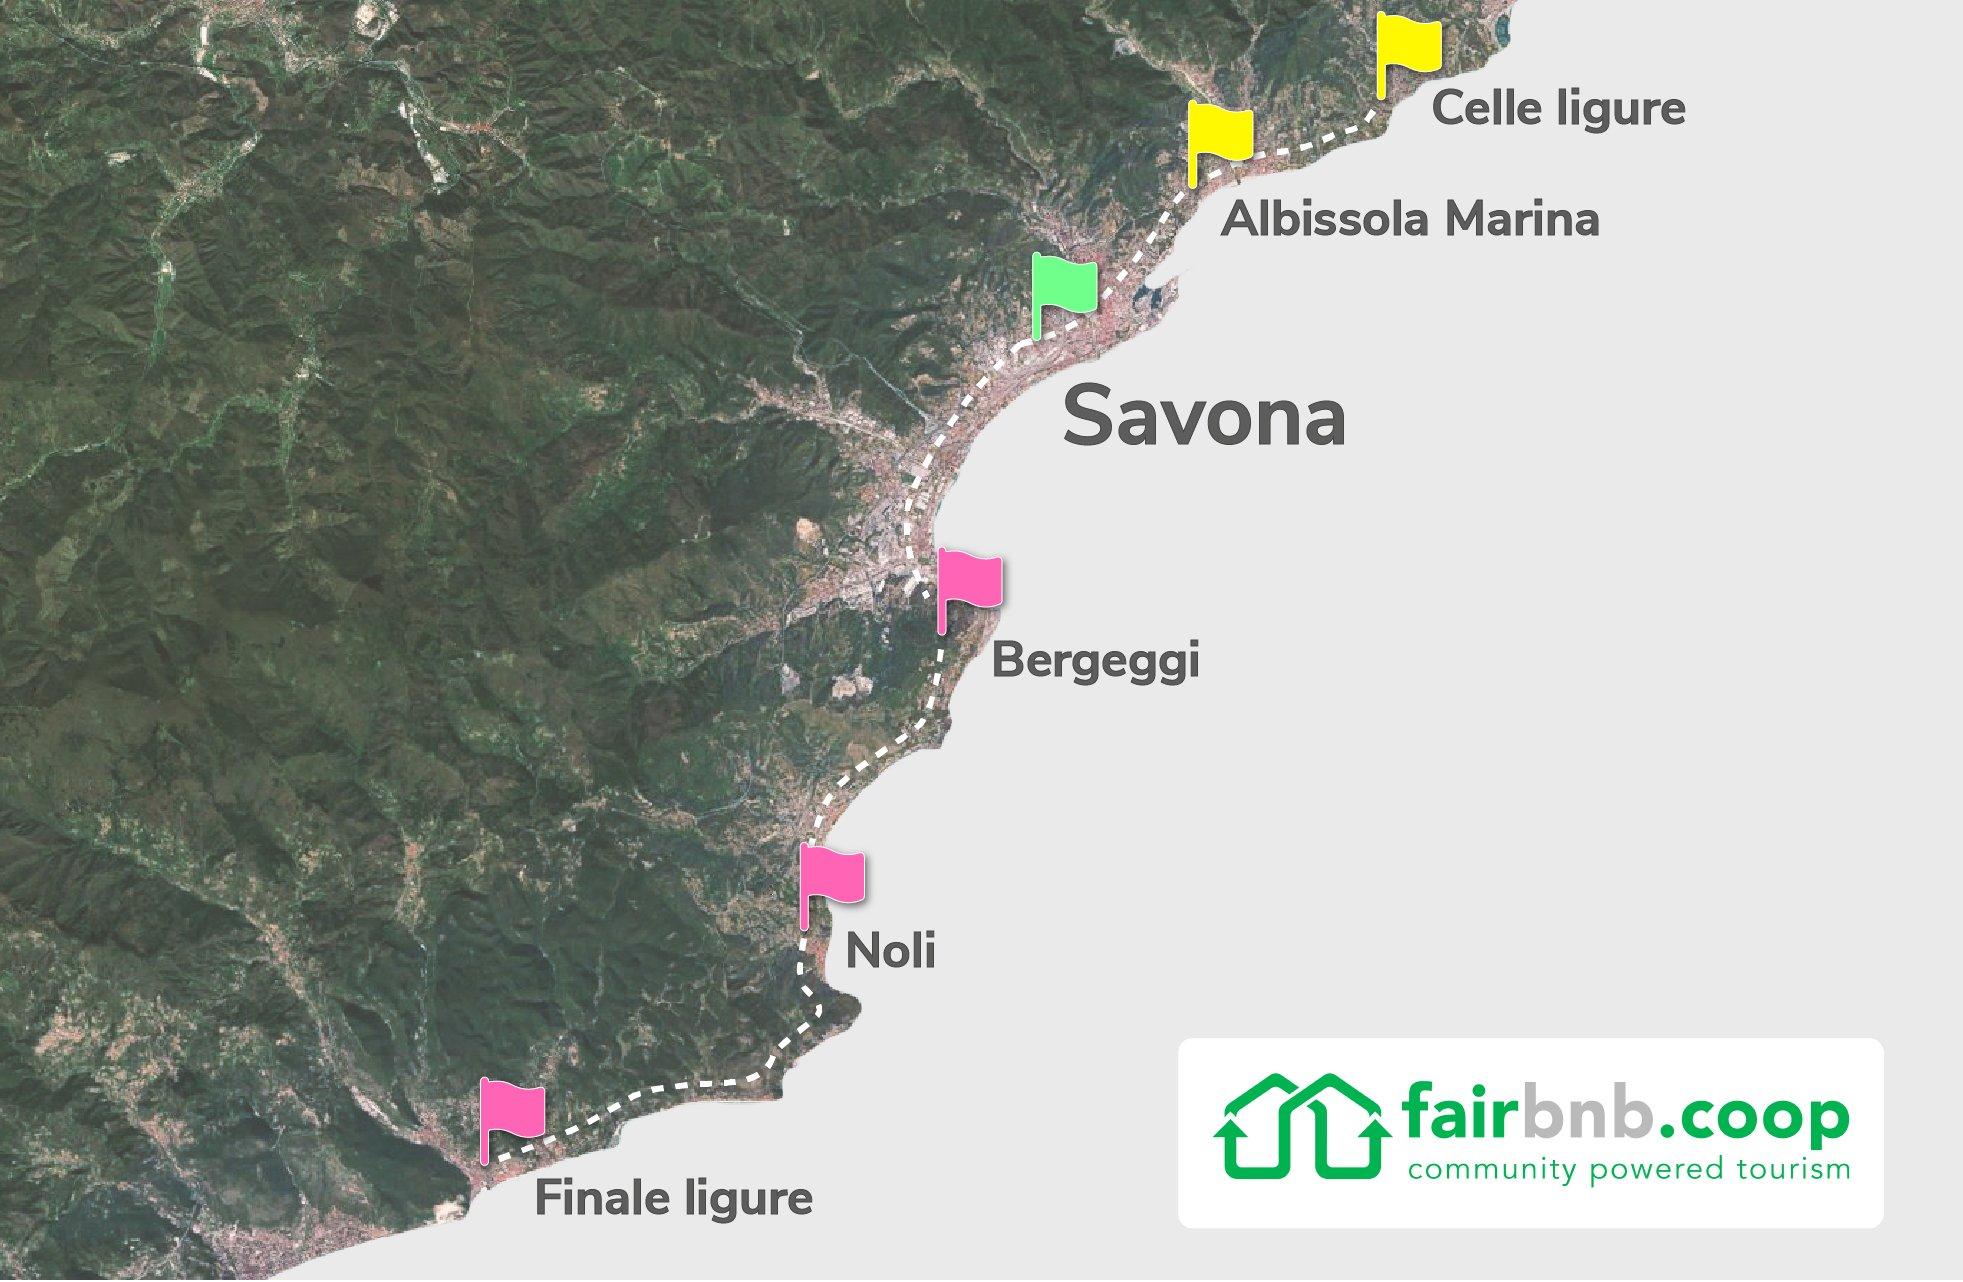 Visitare Savona visit Savona